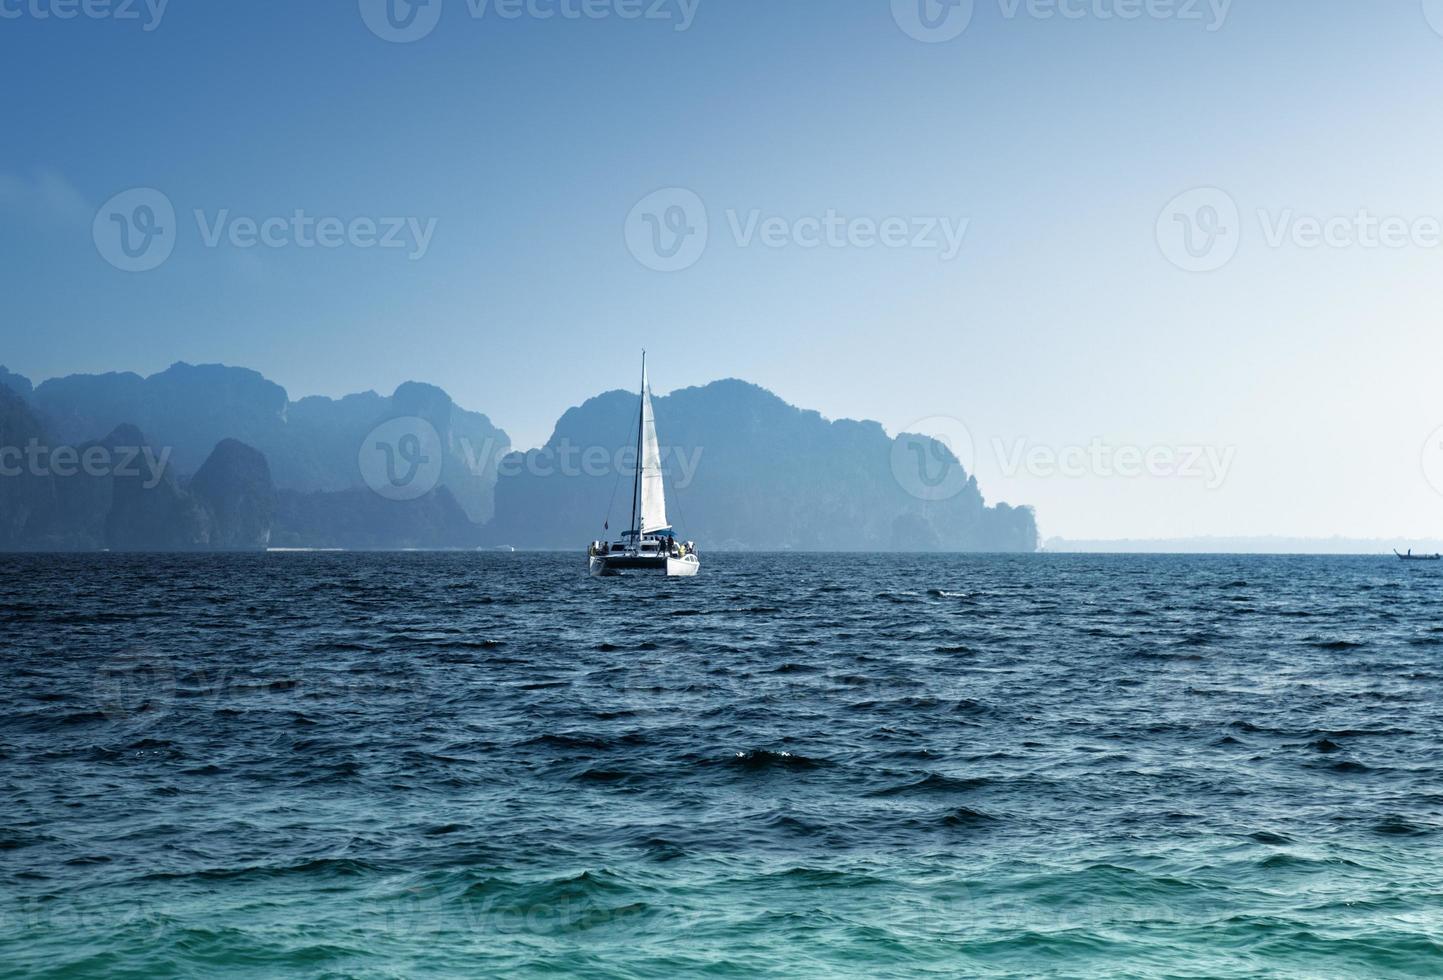 yacht e provincia di Krabi sull'oceano, Tailandia foto